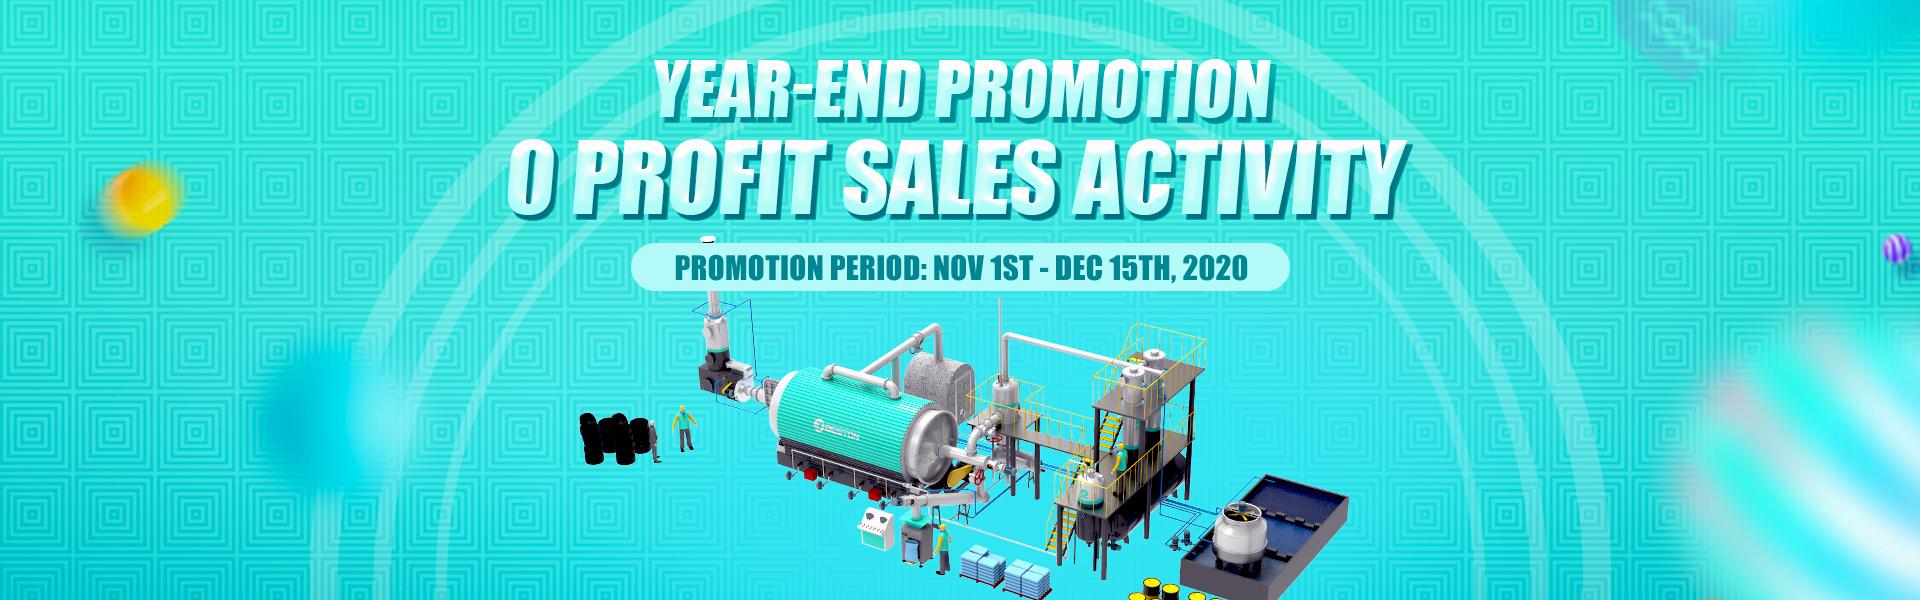 pyrolysis plant 2020 banner